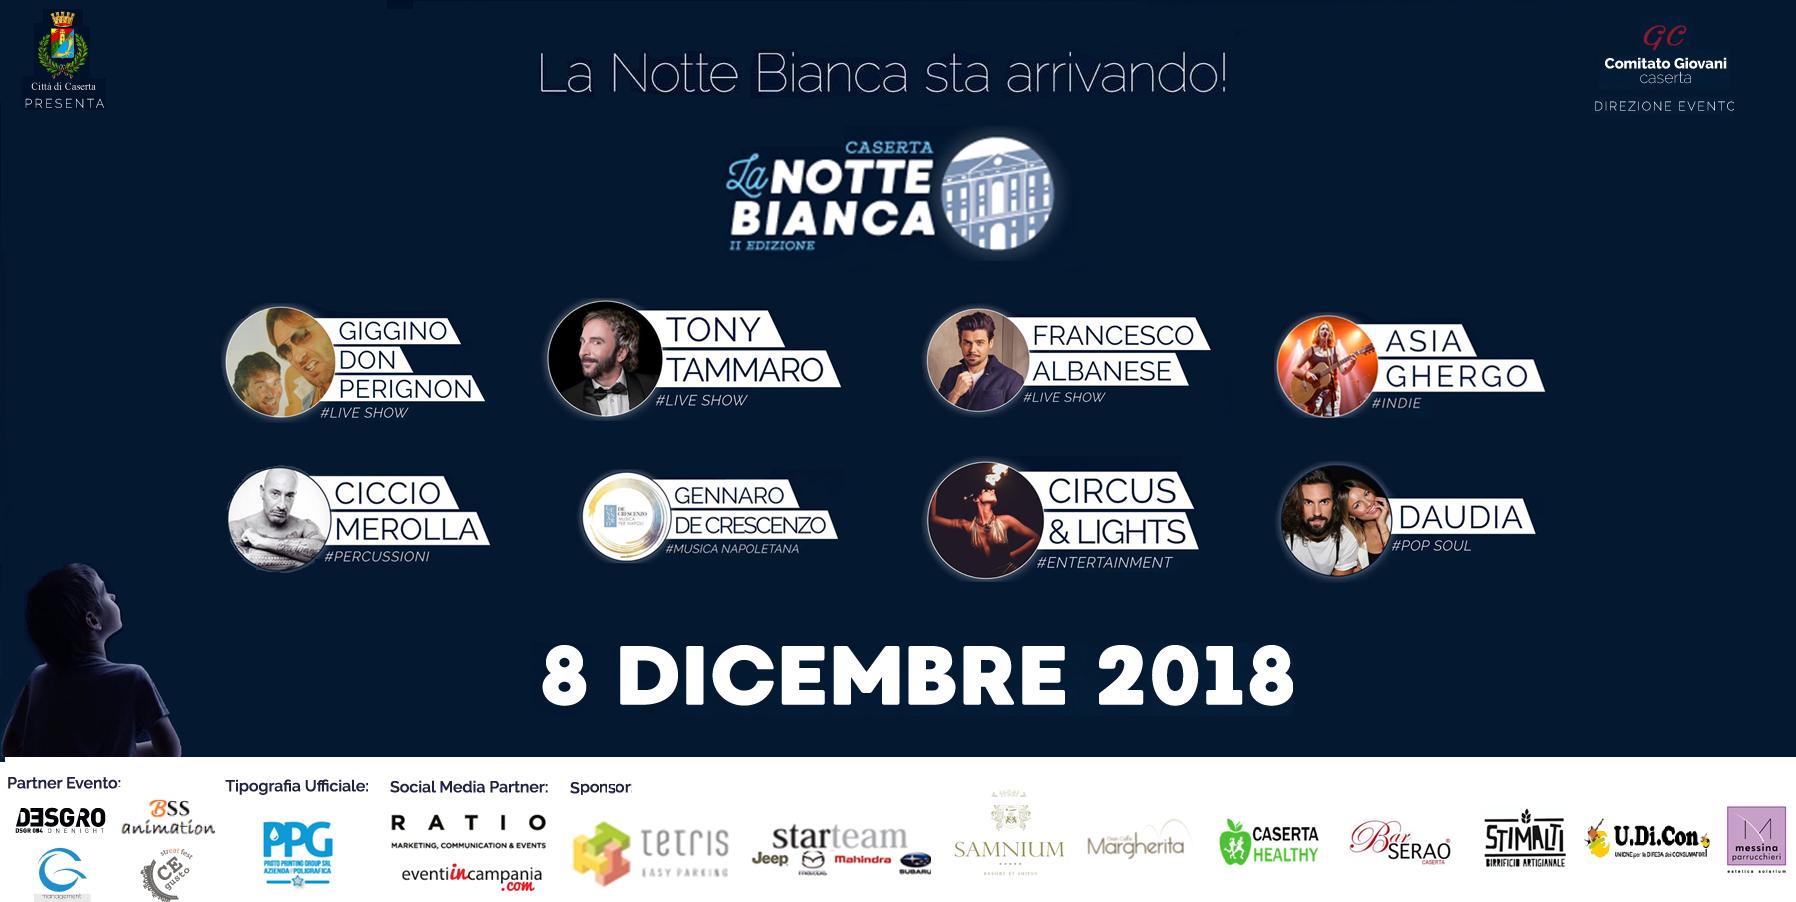 Notte Bianca a Caserta: definito il programma dell'evento